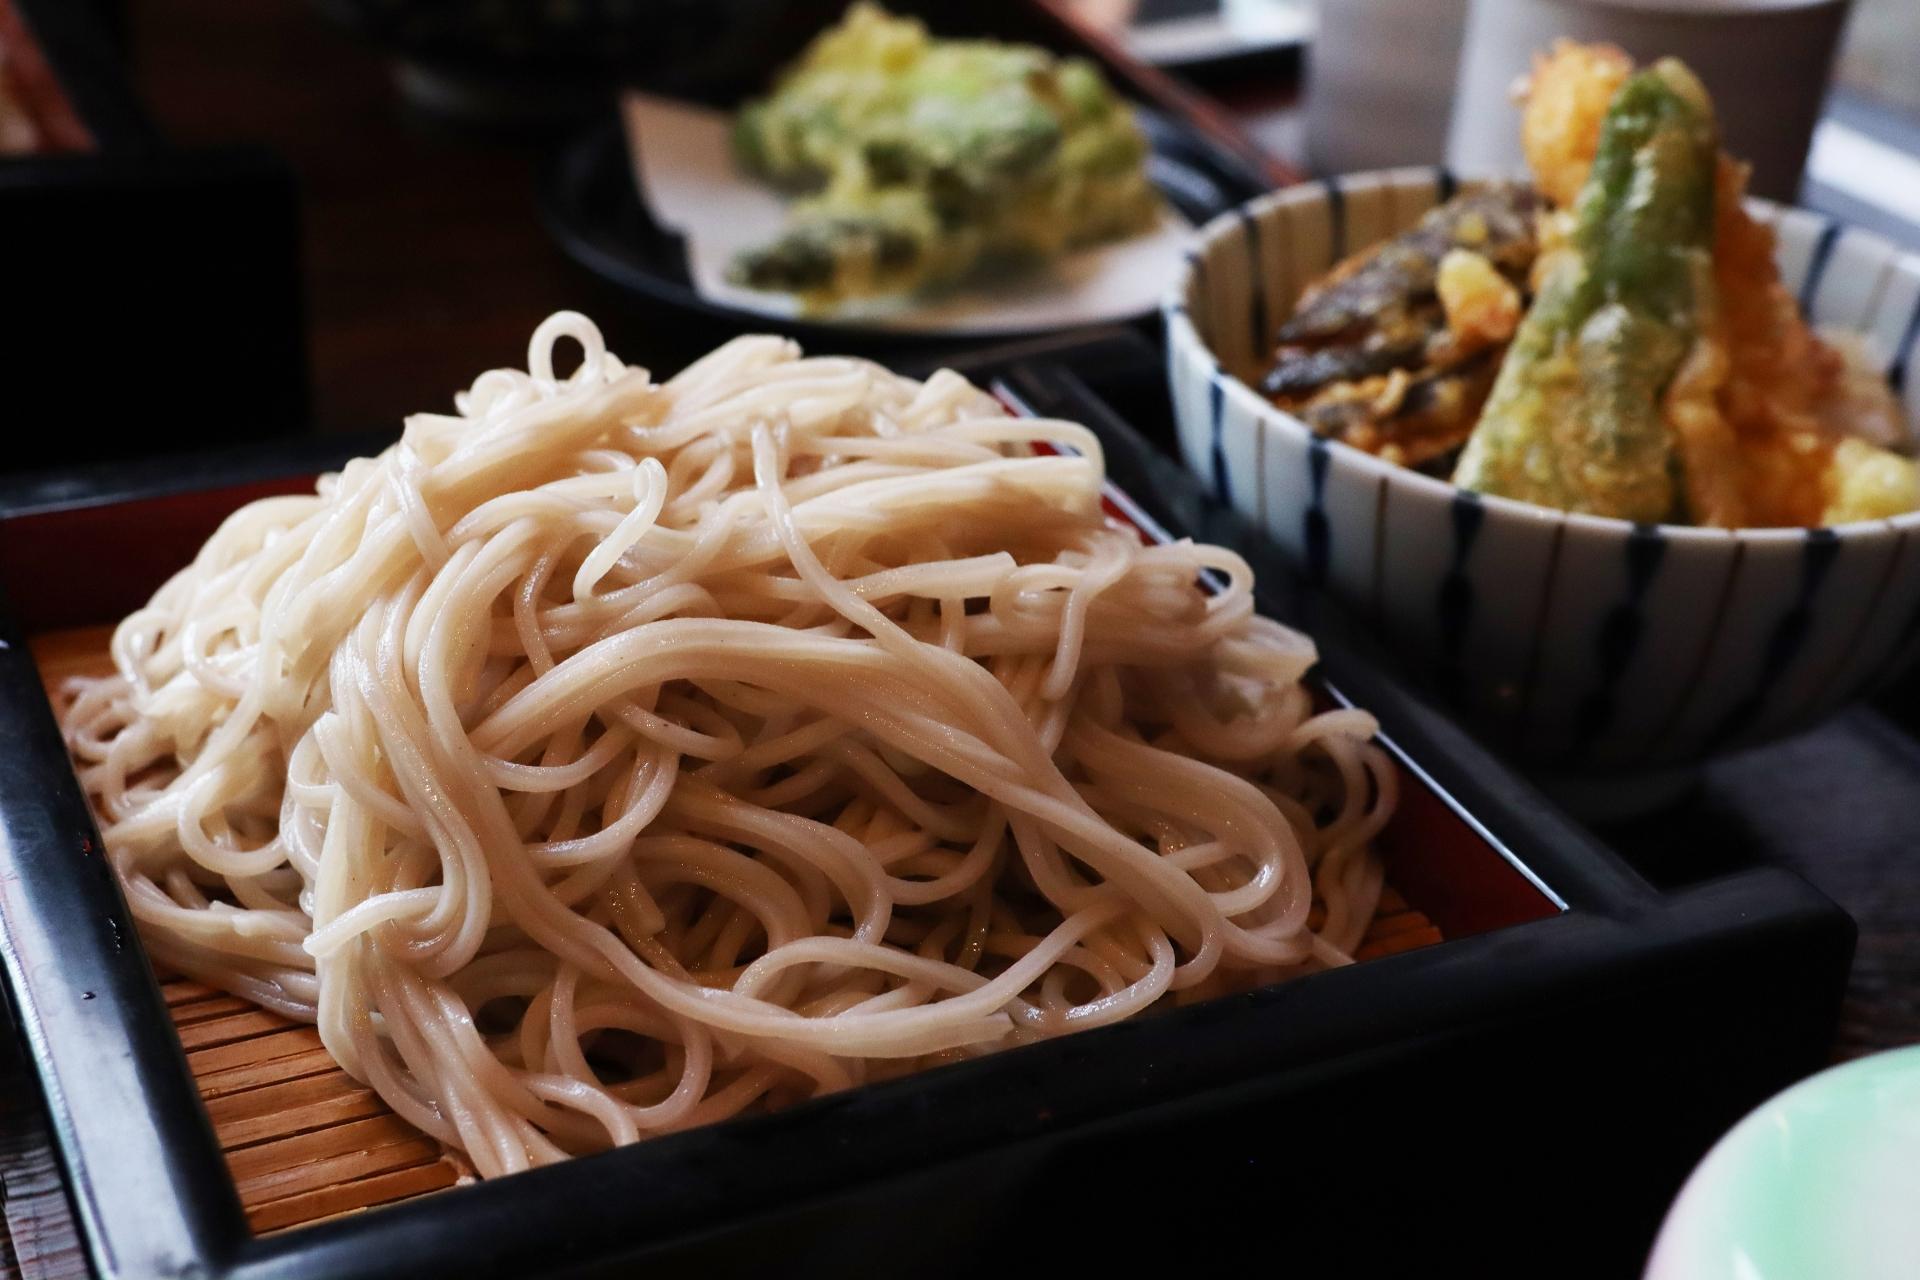 【そば】人気No.1を決めよう! 「蕎麦」がおいしい都道府県はどこ?【人気投票】 | ねとらぼ調査隊